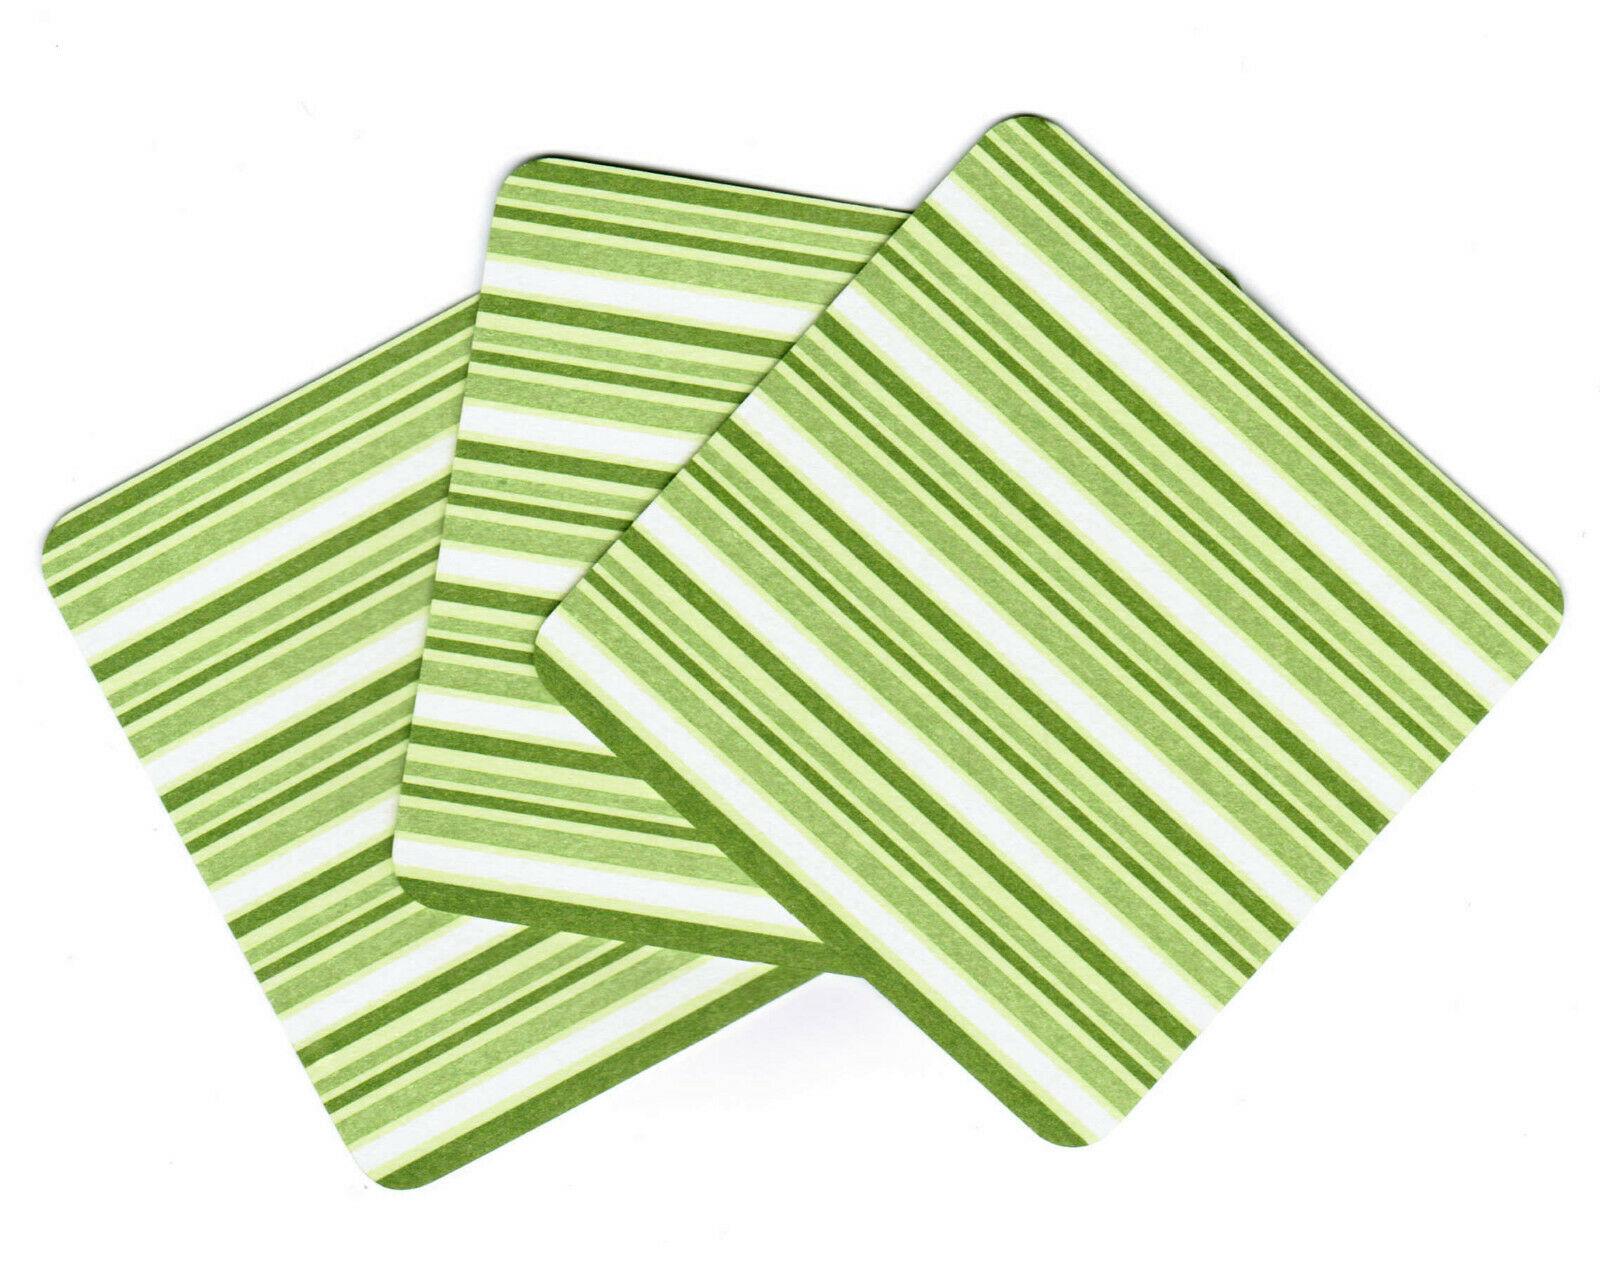 288 Stück Bierdeckel Untersetzer für Gläser Tassen 90x90mm eckig Pappe Grün/Blau - Grün